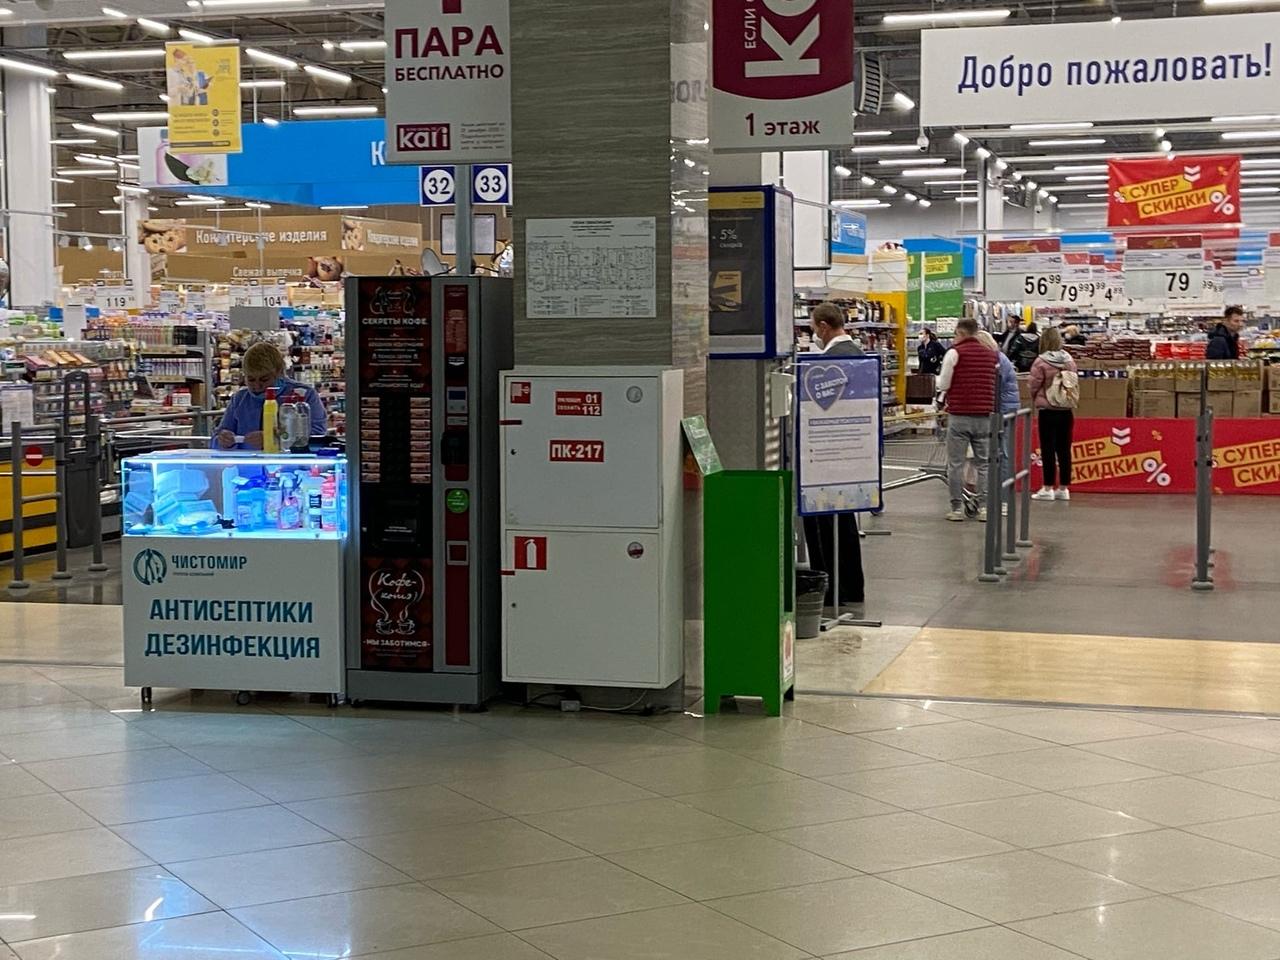 Мобильный отдел компании «Чистомир» начал свою работу в ТРЦ «Аэропарк».